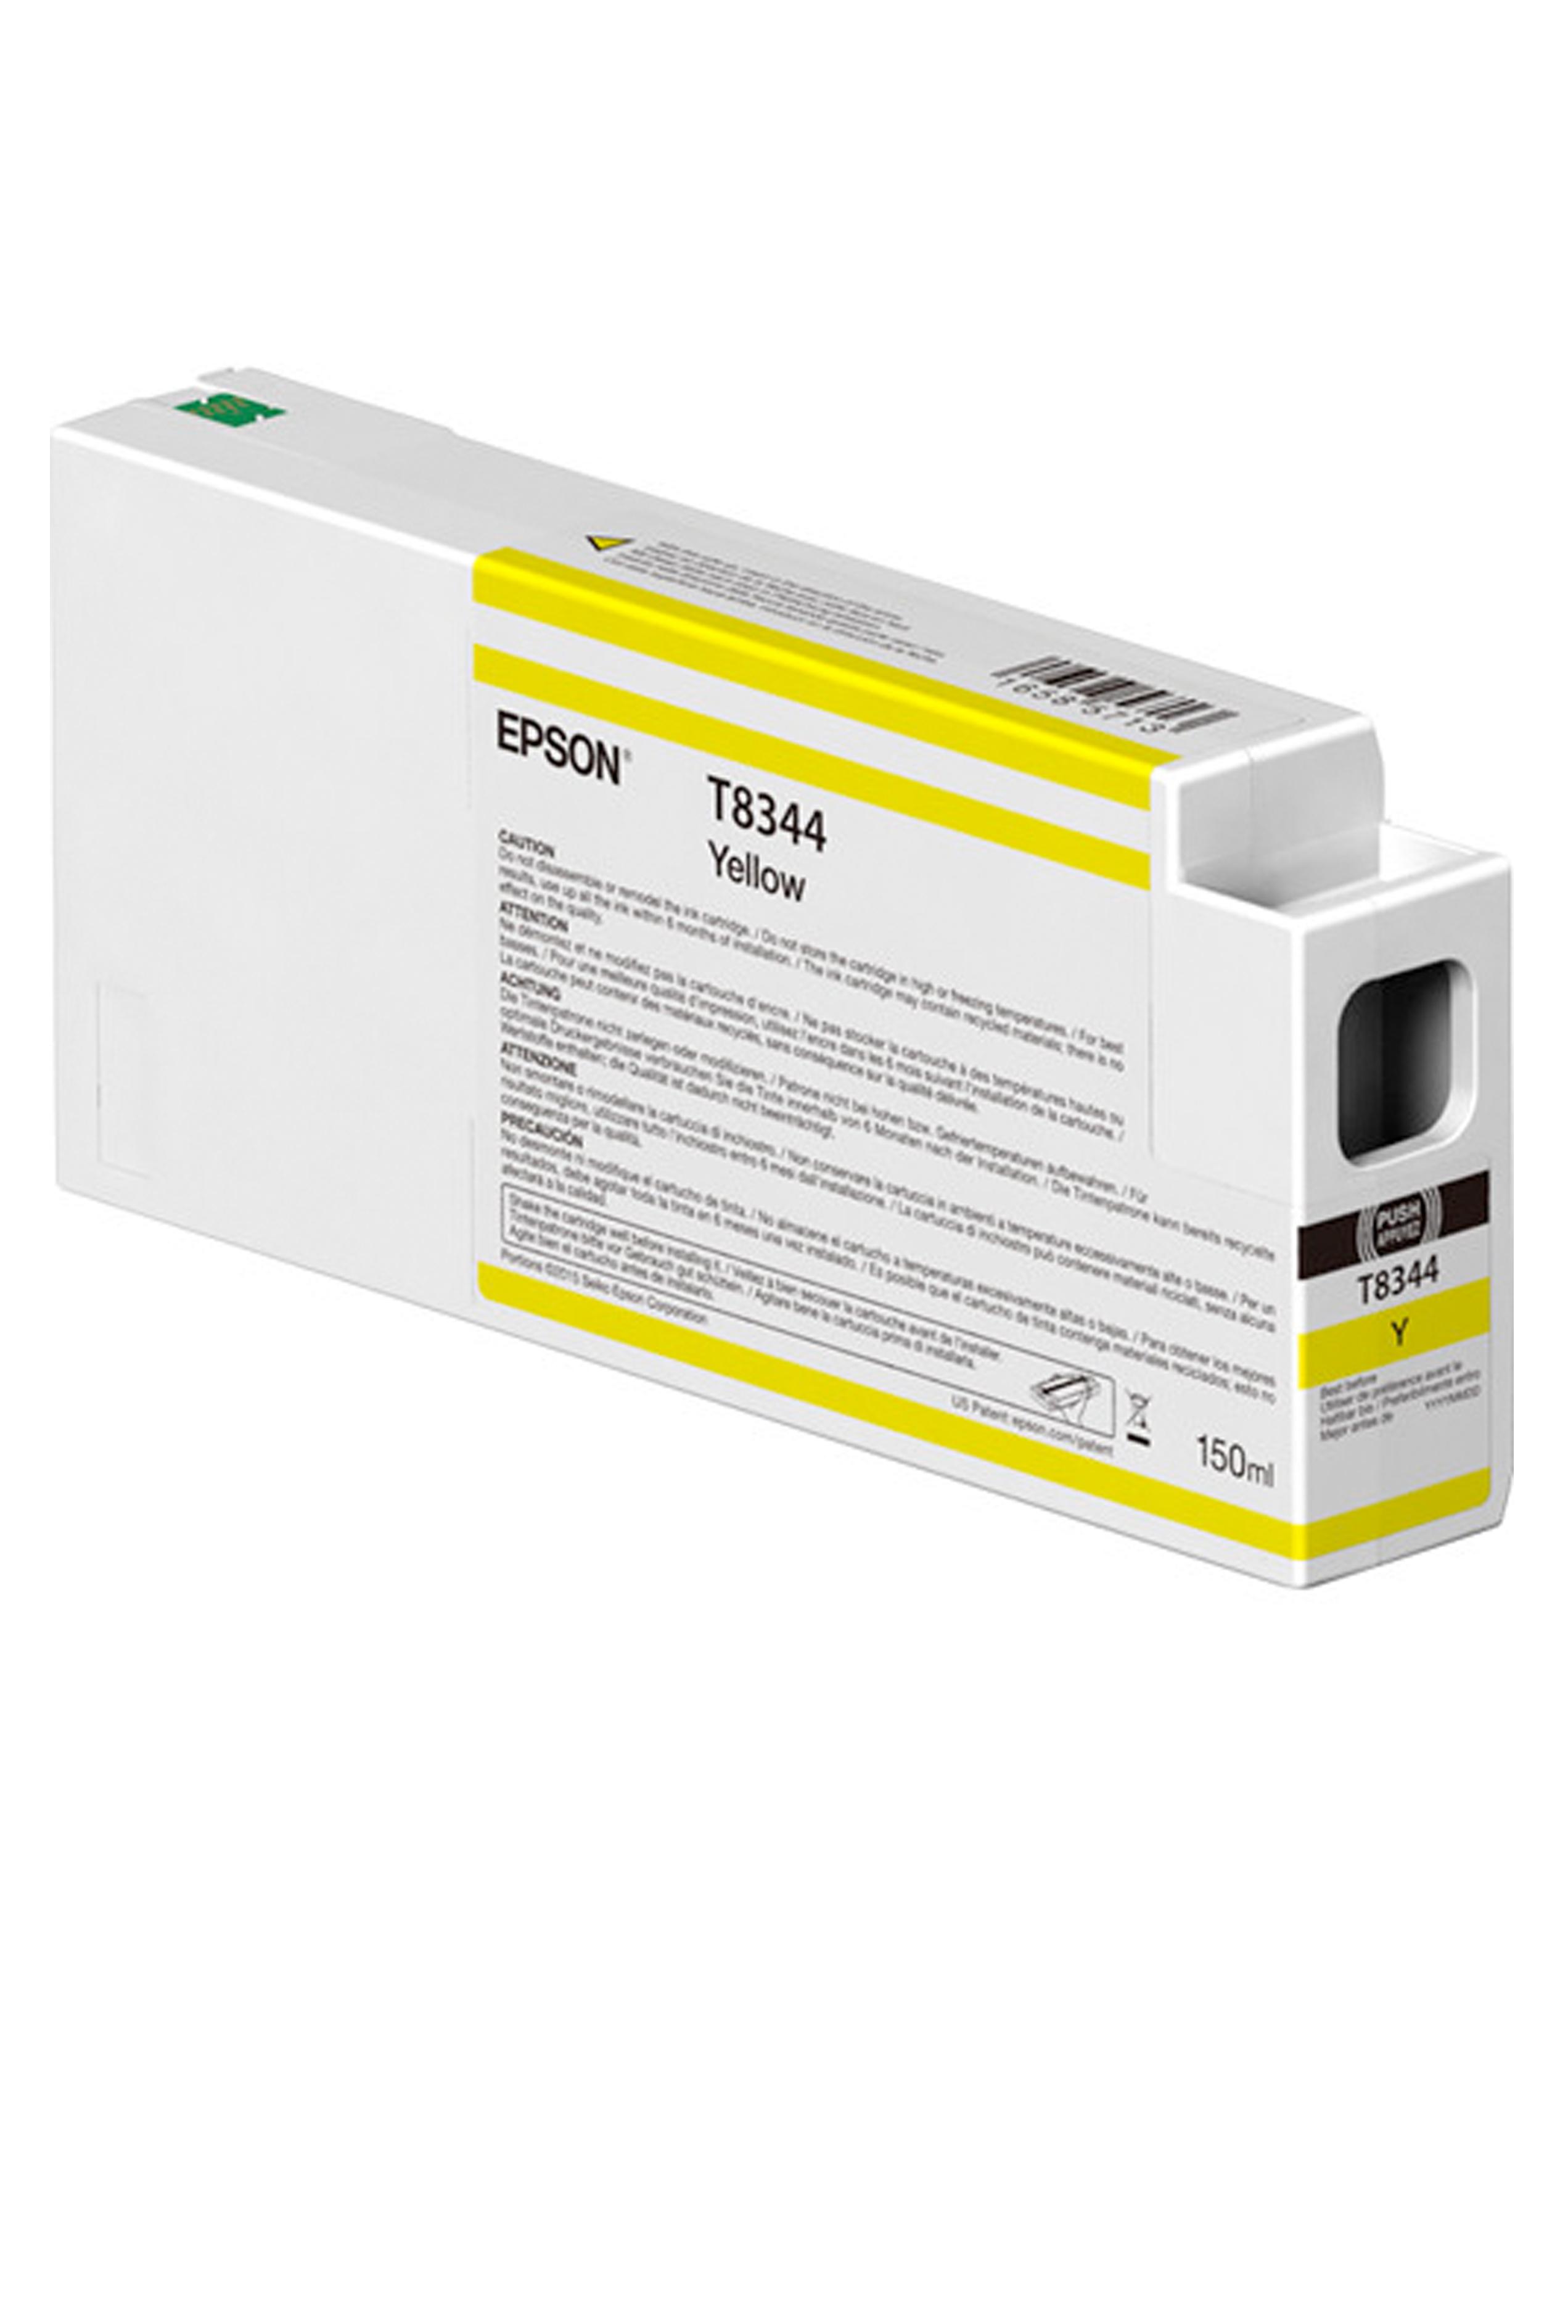 Epson EPSON SD YELLOW INK (150 ML) (T834400)